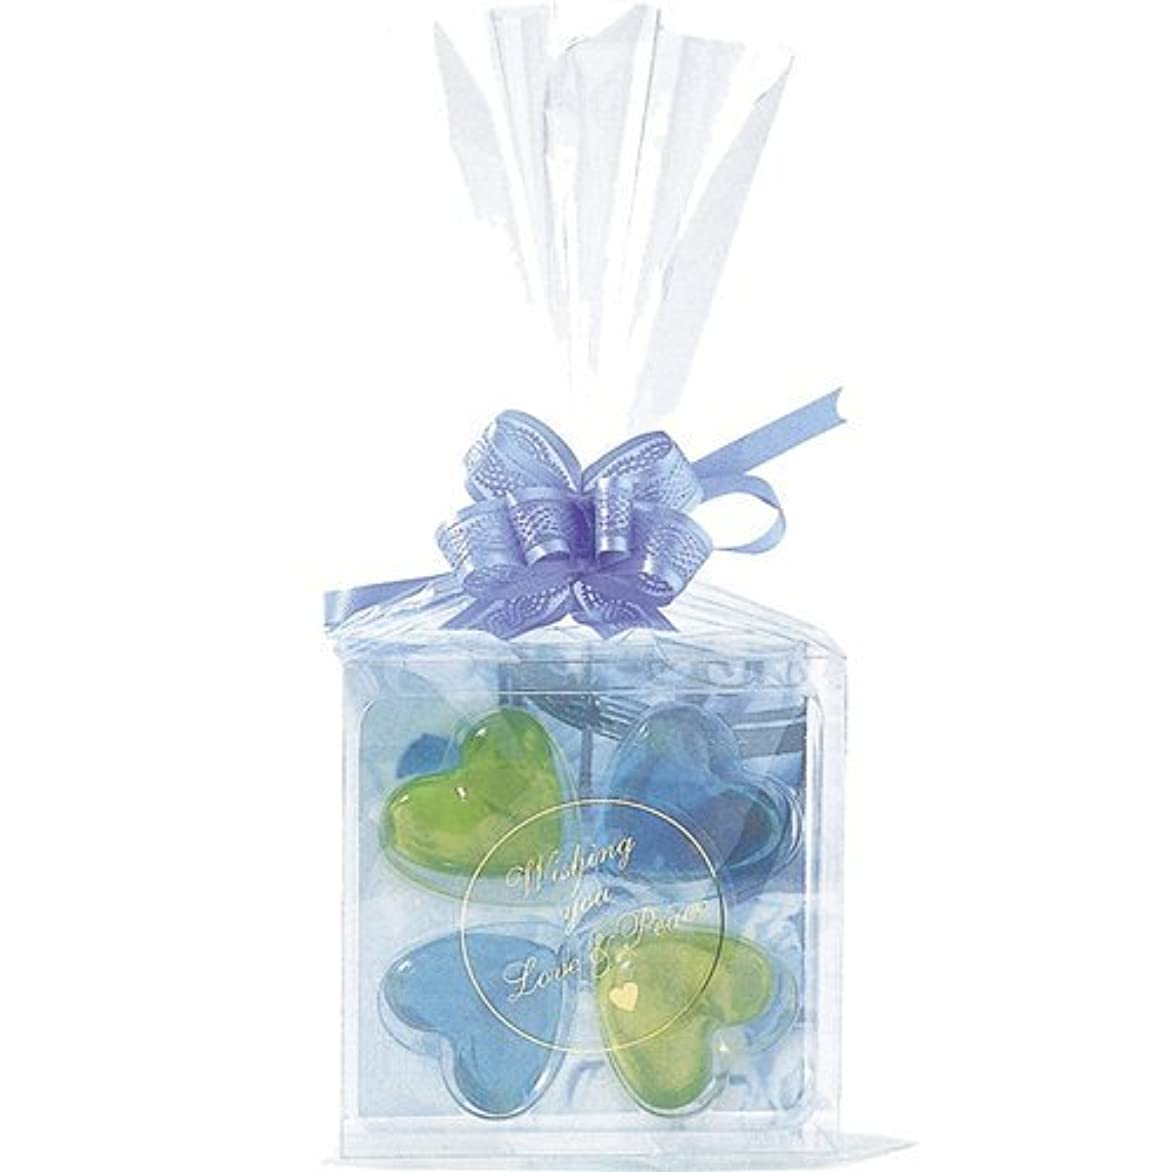 ビート騒乱ハプニングジーピークリエイツ フォーチューンクローバー ブルー 入浴料セット(グリーンアップル、ベリー)